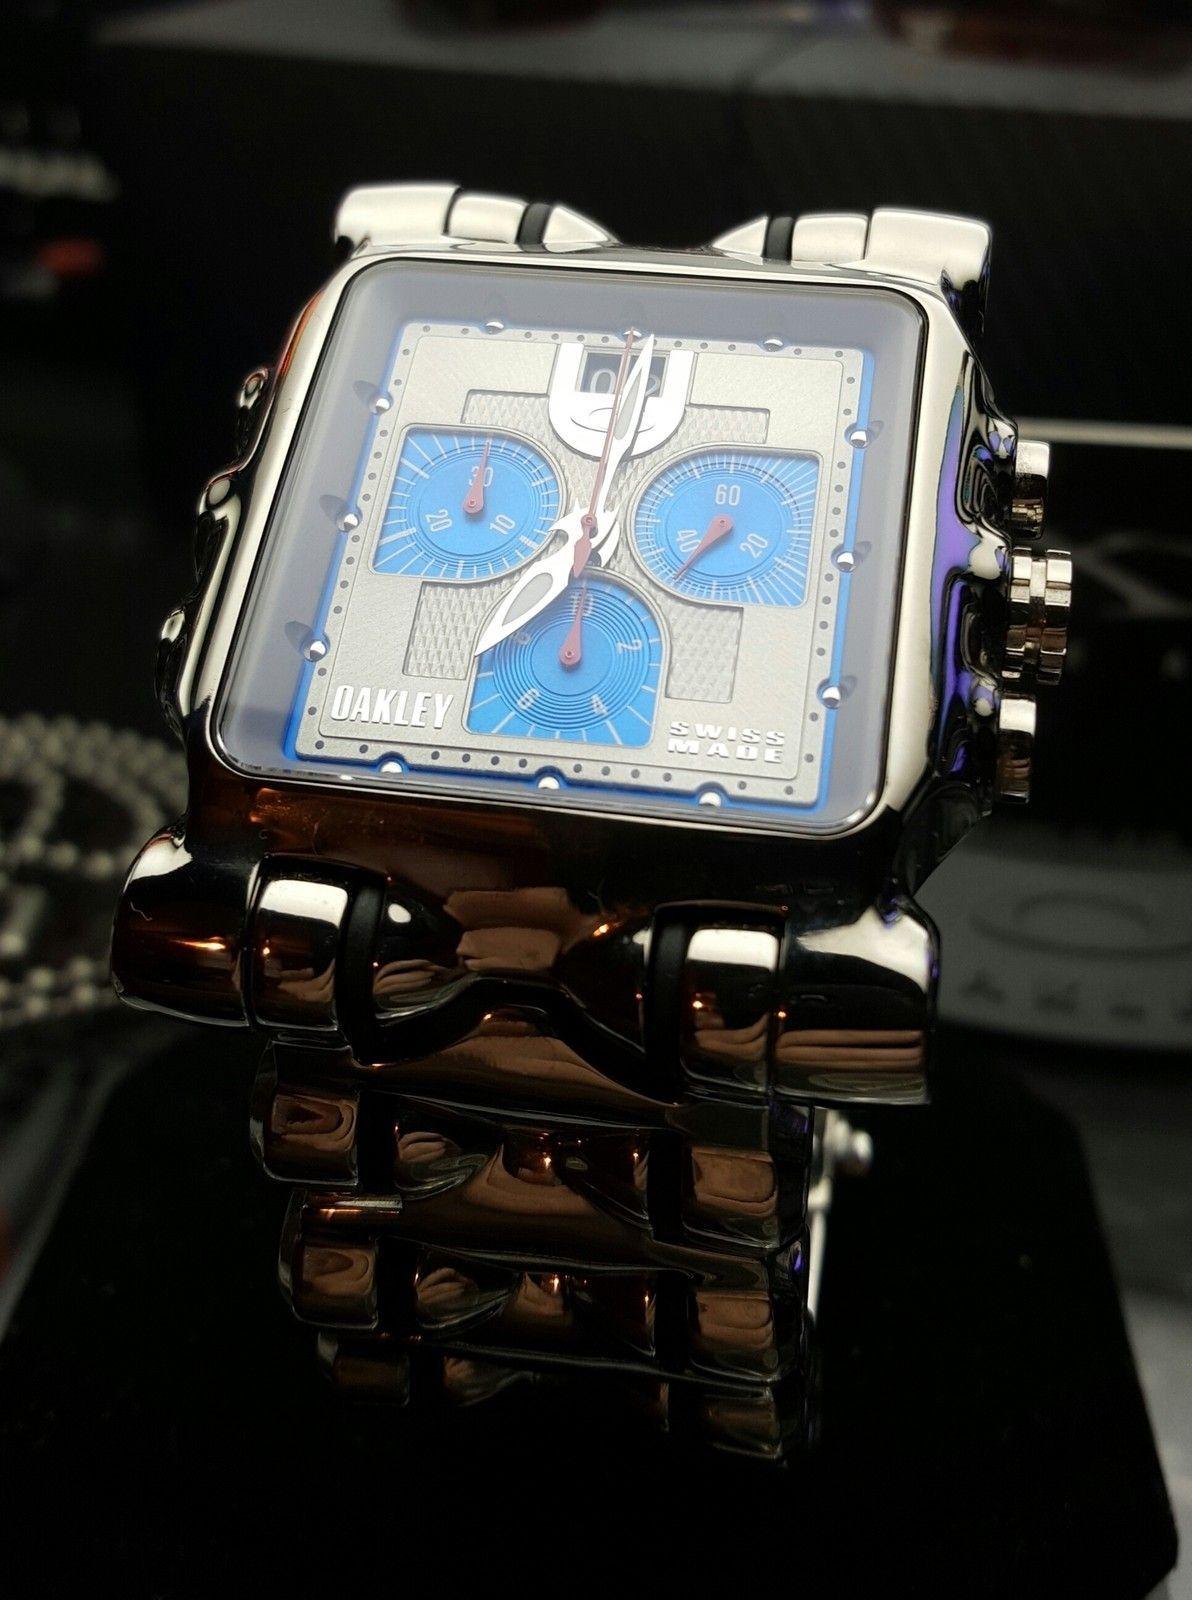 Polished/Blue Face Minute Machine LNIB - uploadfromtaptalk1433295585124.jpg